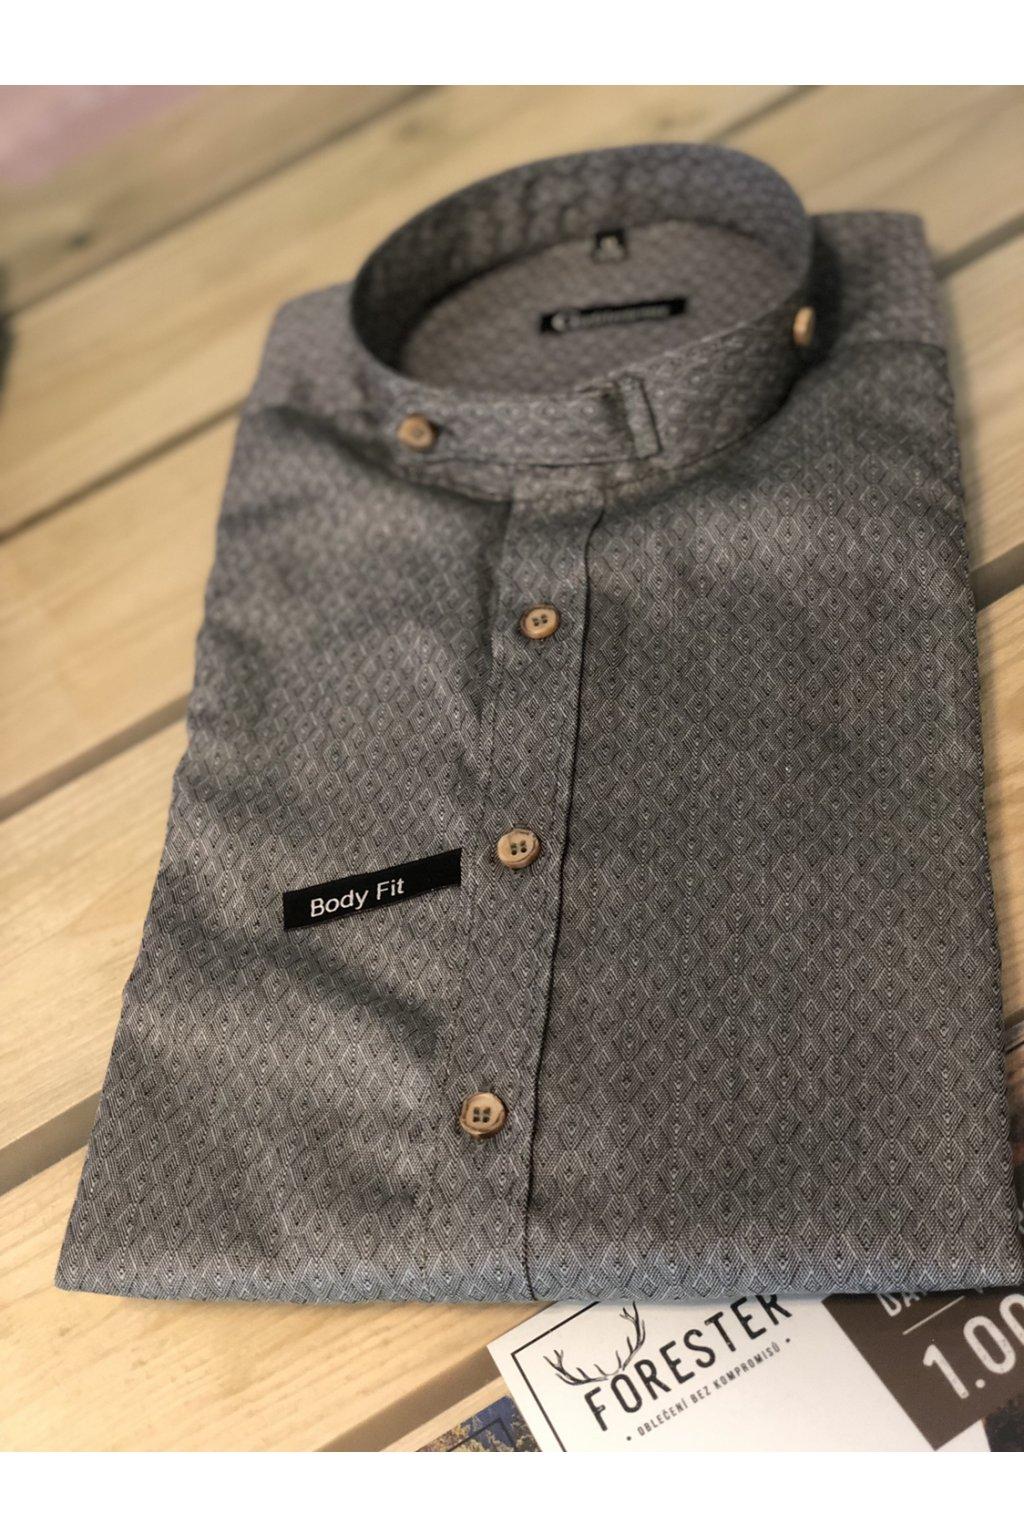 ORBIS - košile pánská Body Fit stojáček